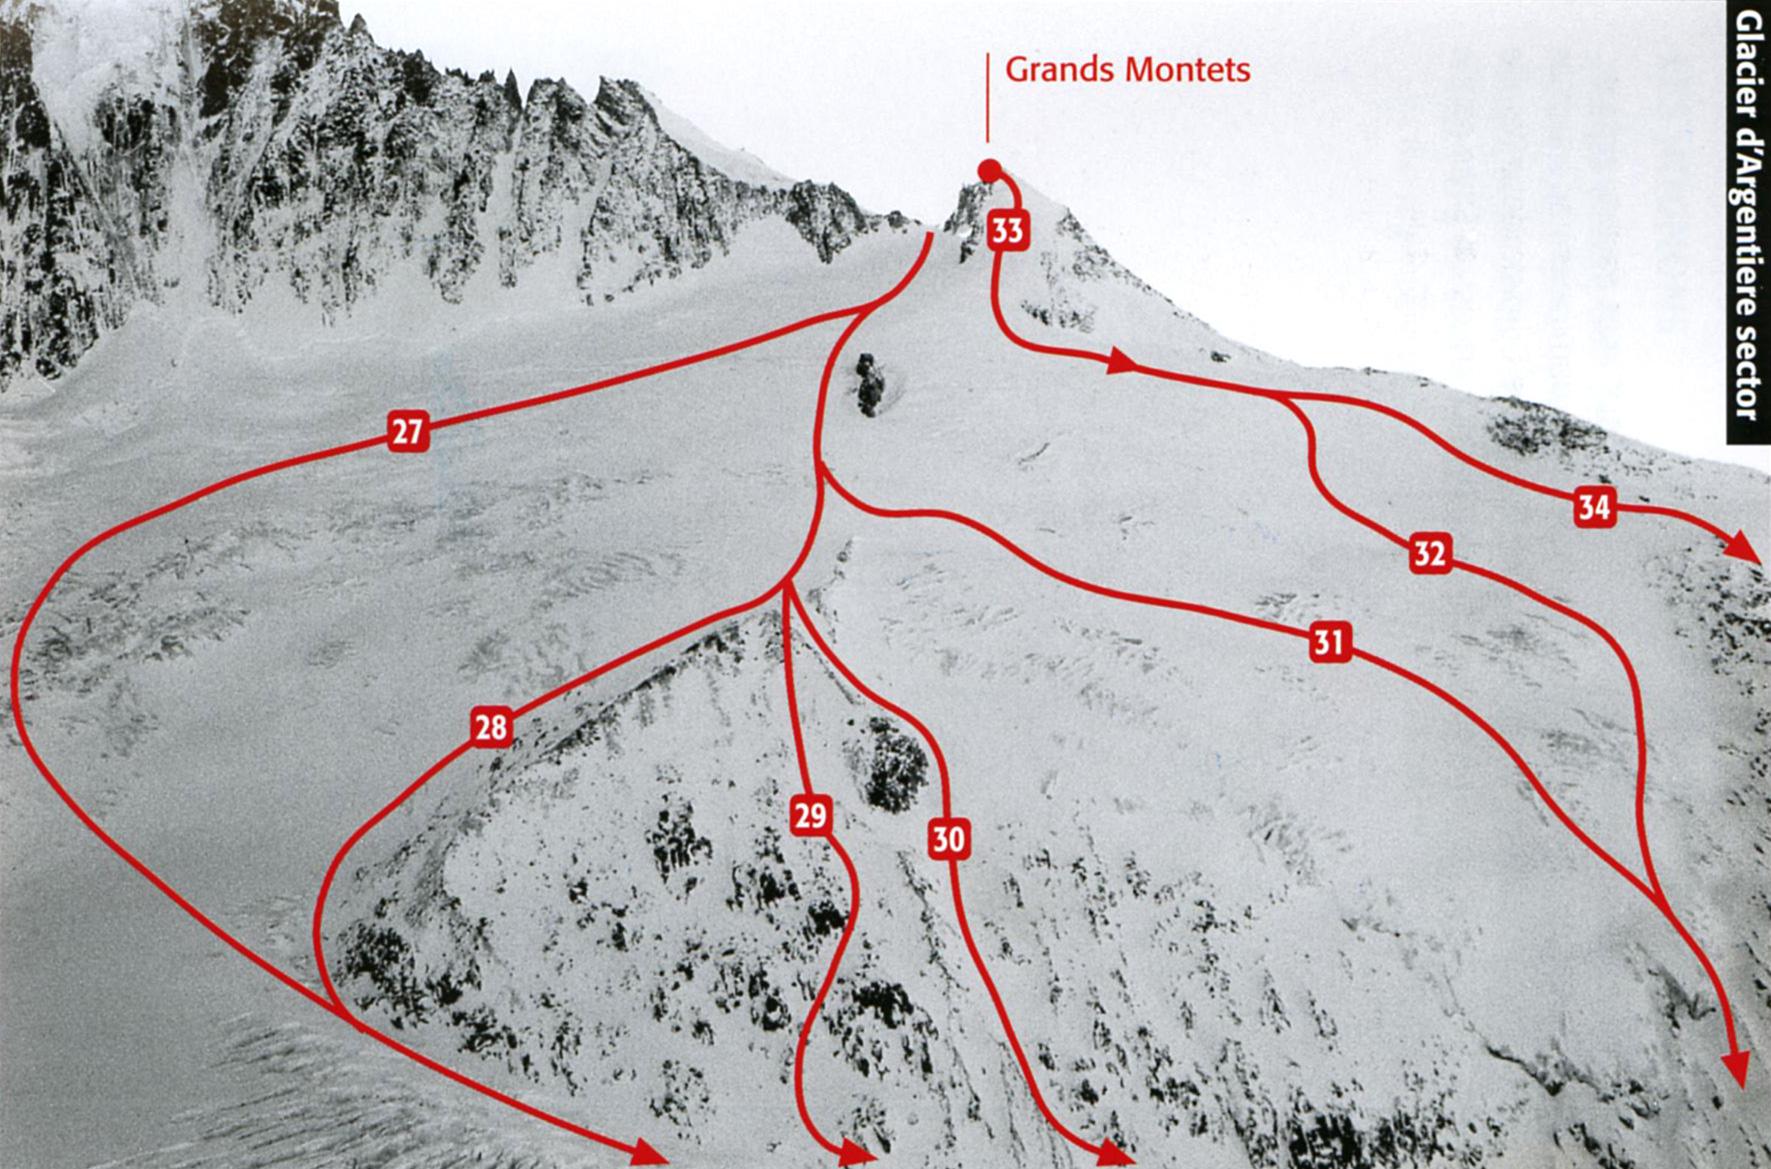 Схема фрирайд маршрут маршрутов с Гран-Монтэ в Шамони (размер 1771 × 1169 по клику)